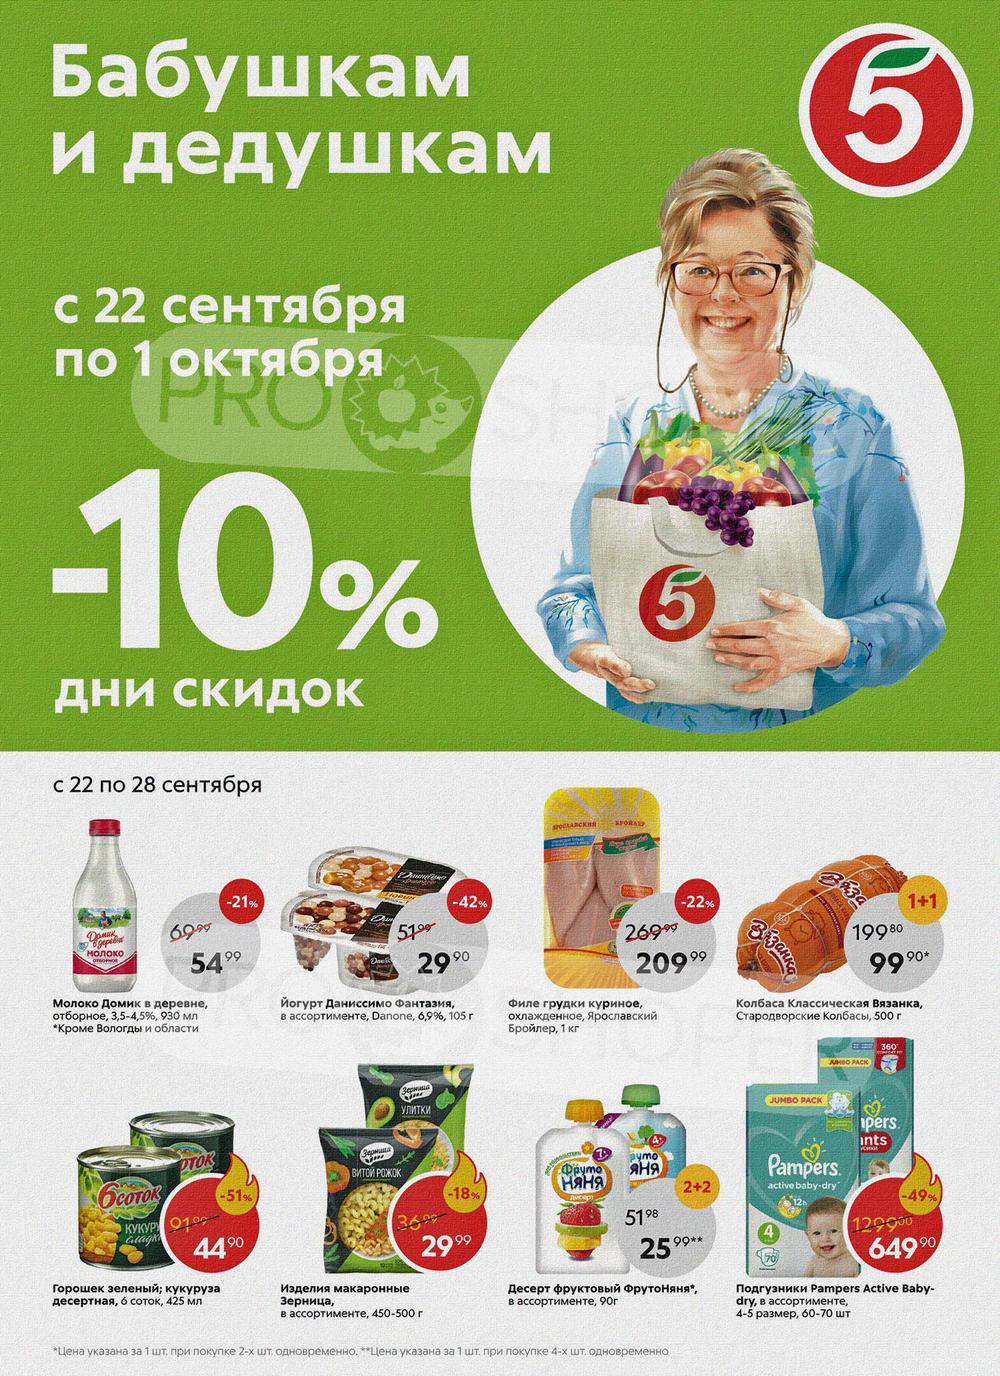 скидки пенсионерам в Пятерочке условия и правила акции